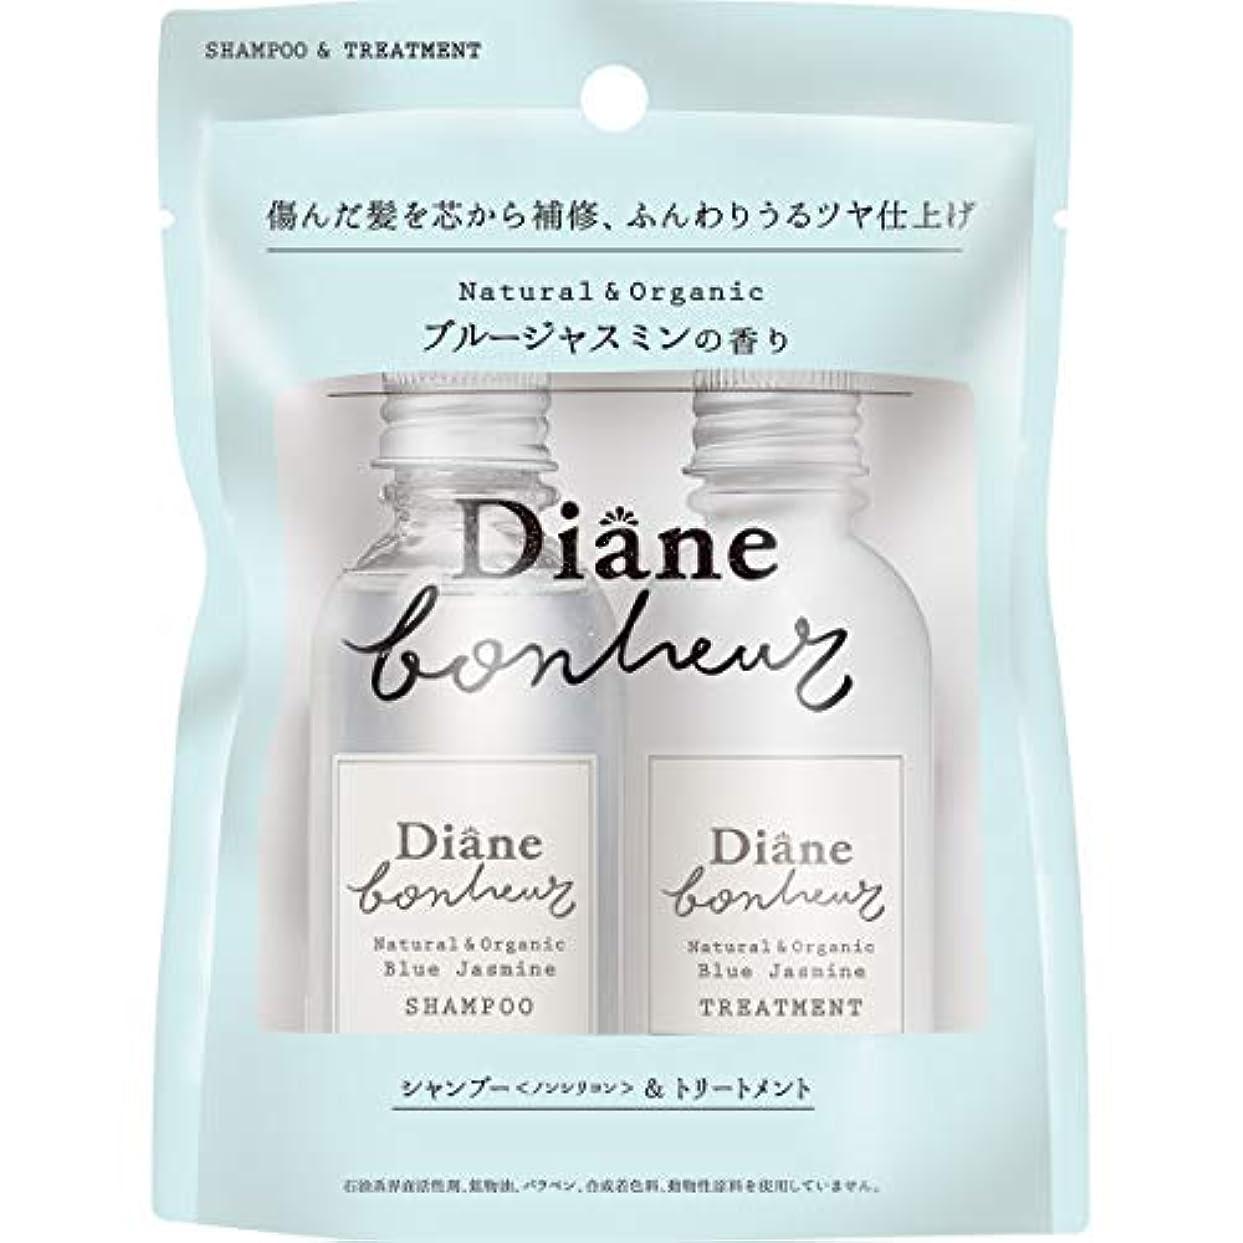 属するみほんのダイアン ボヌール ブルージャスミンの香り シャンプー&トリートメント トライアル ダメージリペア&シャイン 40ml×2